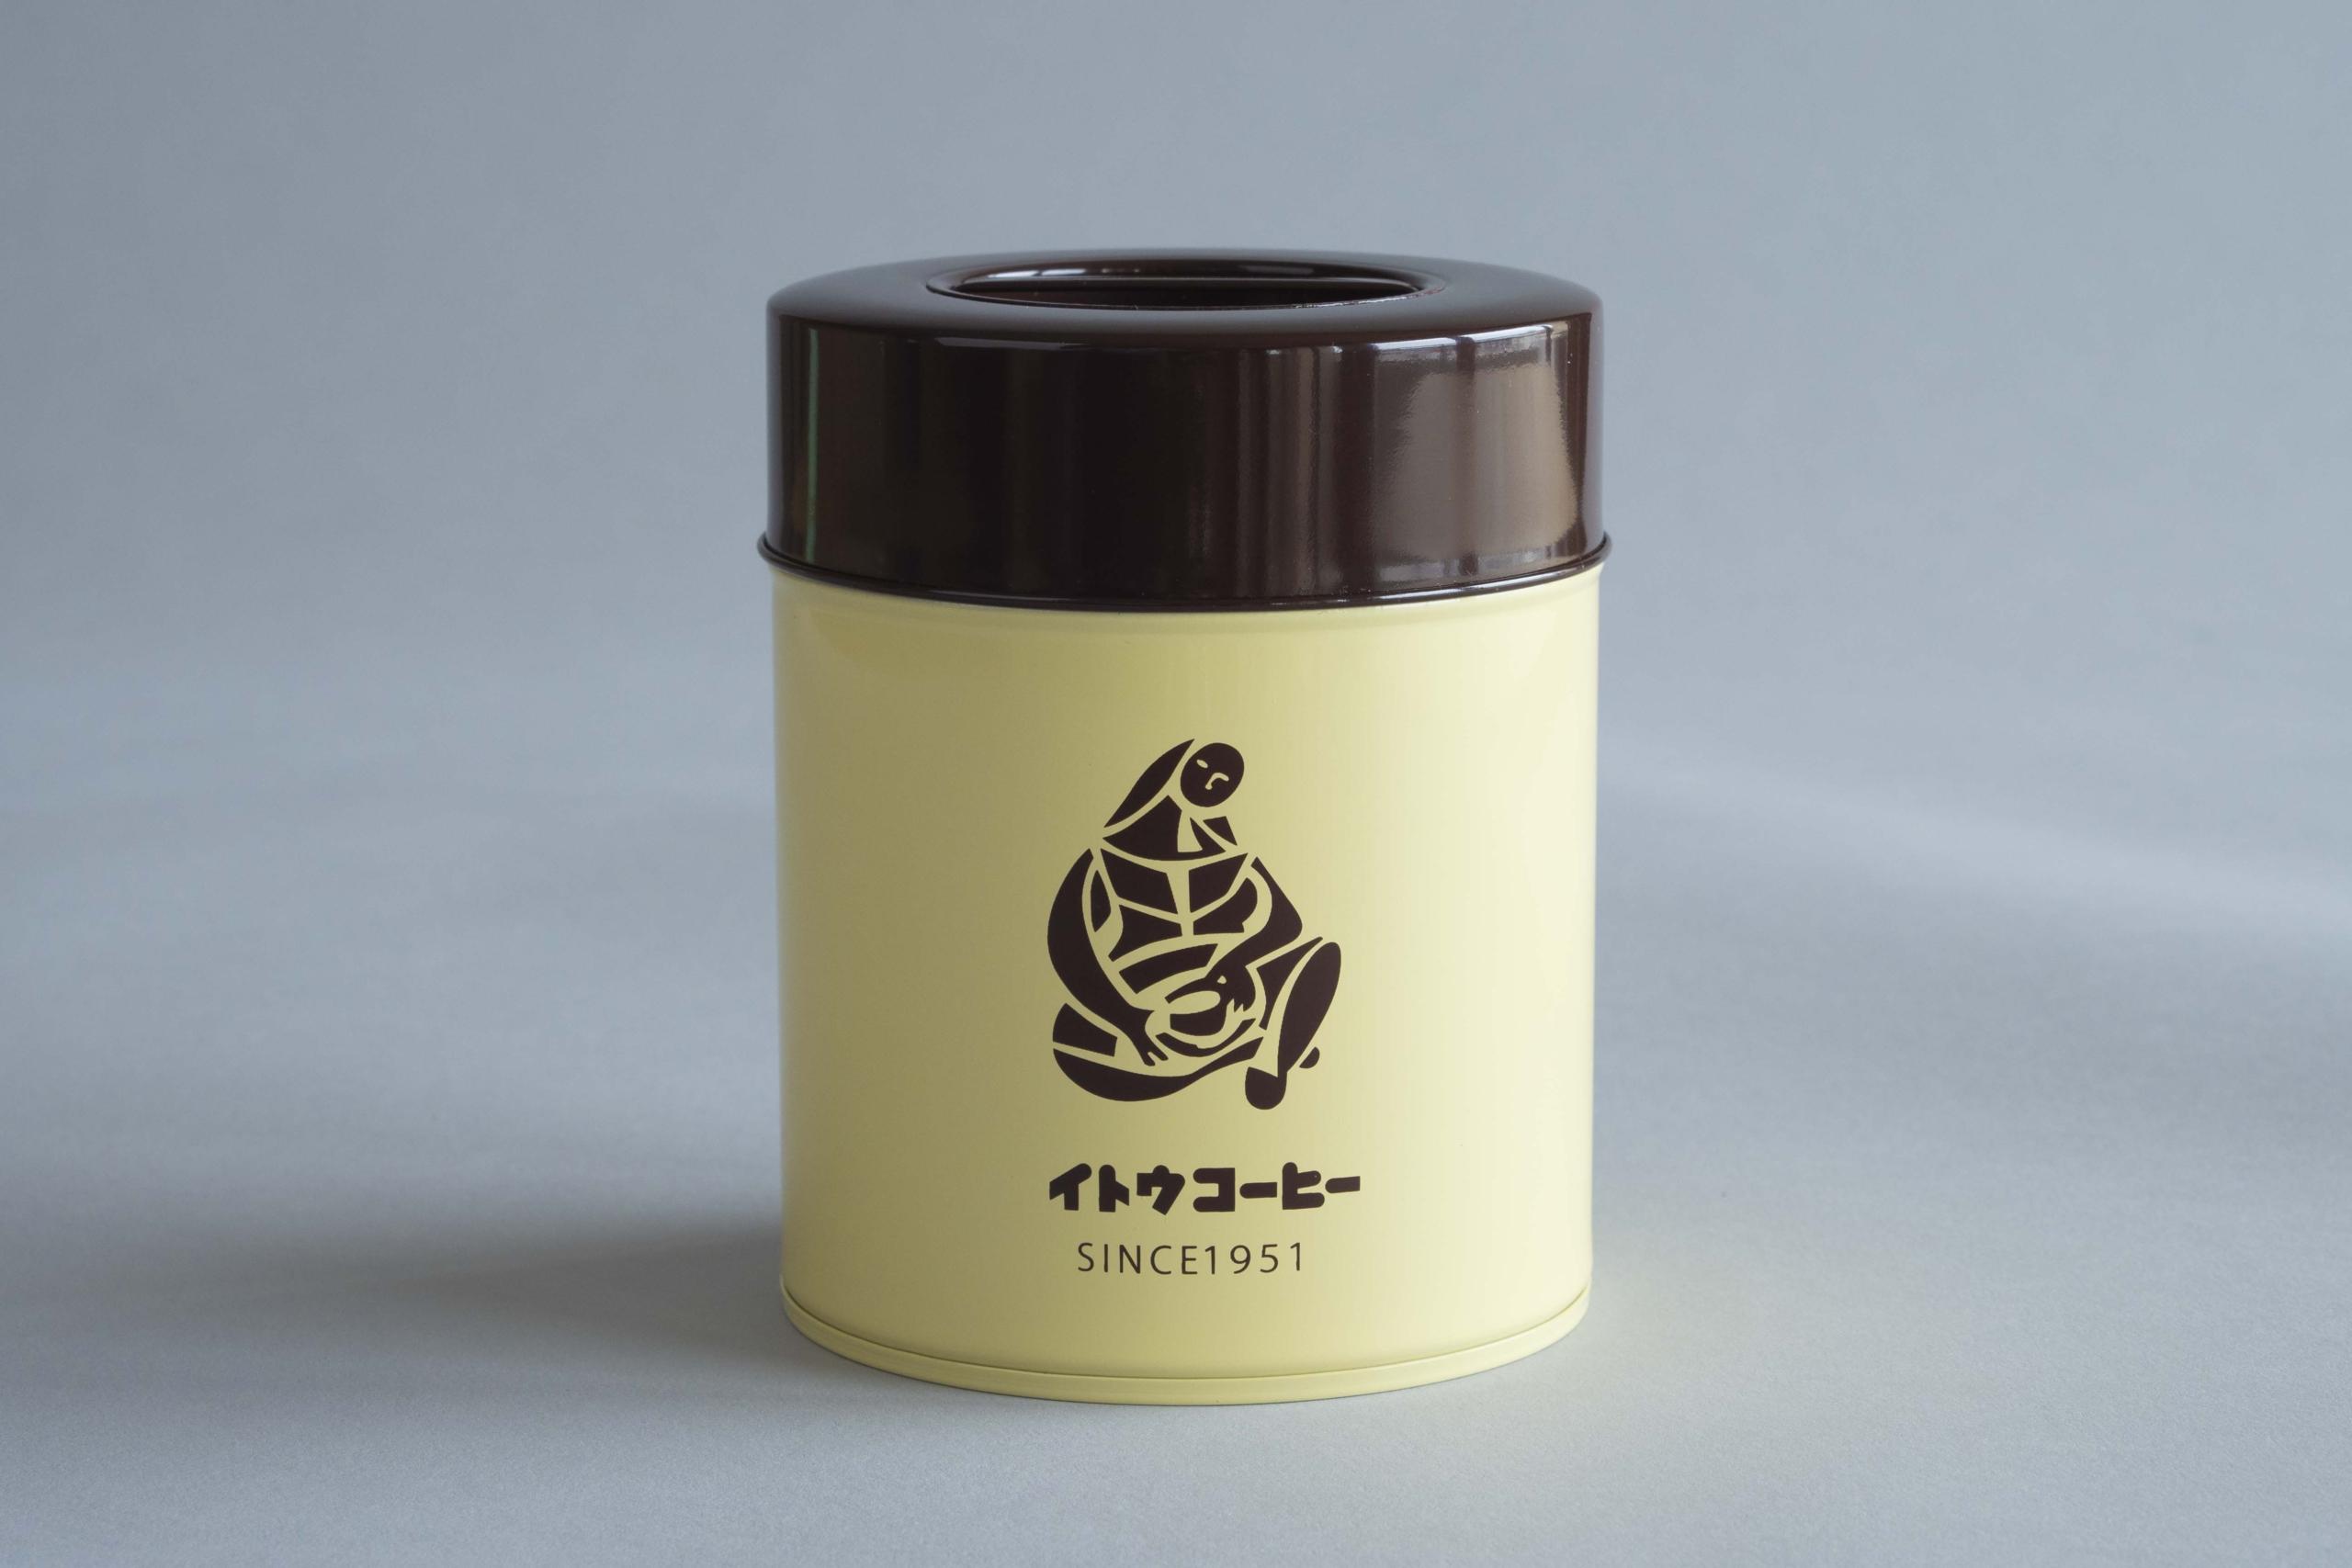 イトウコーヒーオリジナルコーヒー缶・加藤製作所